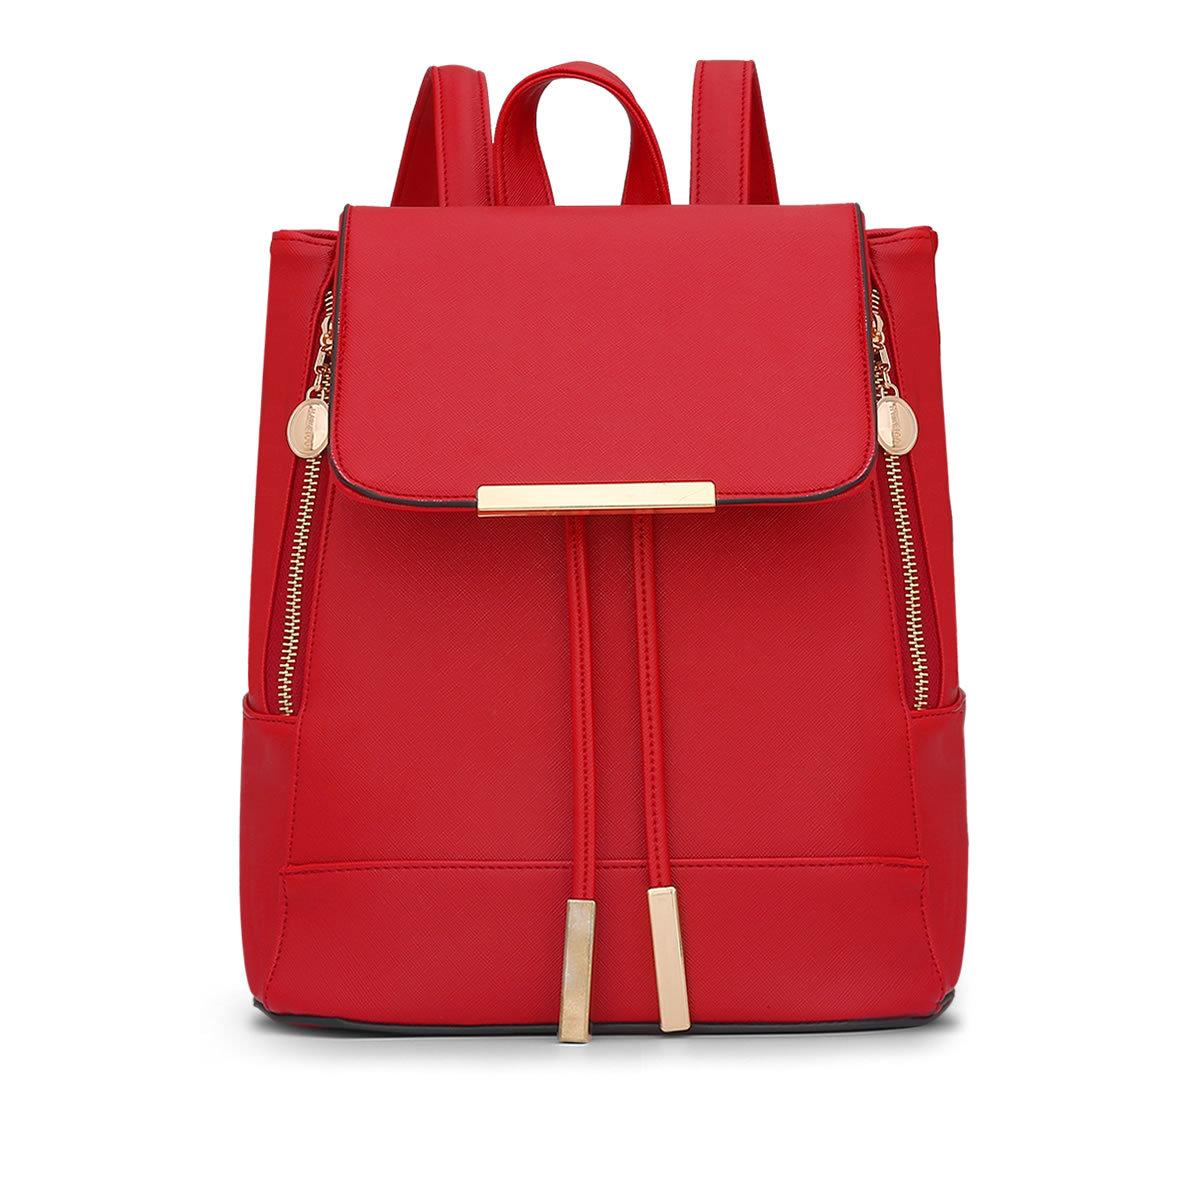 ขายส่ง กระเป๋าเป้ สะพายหลัง แฟชั่นเกาหลี Sunny-731 สีแดง 1 ใบ